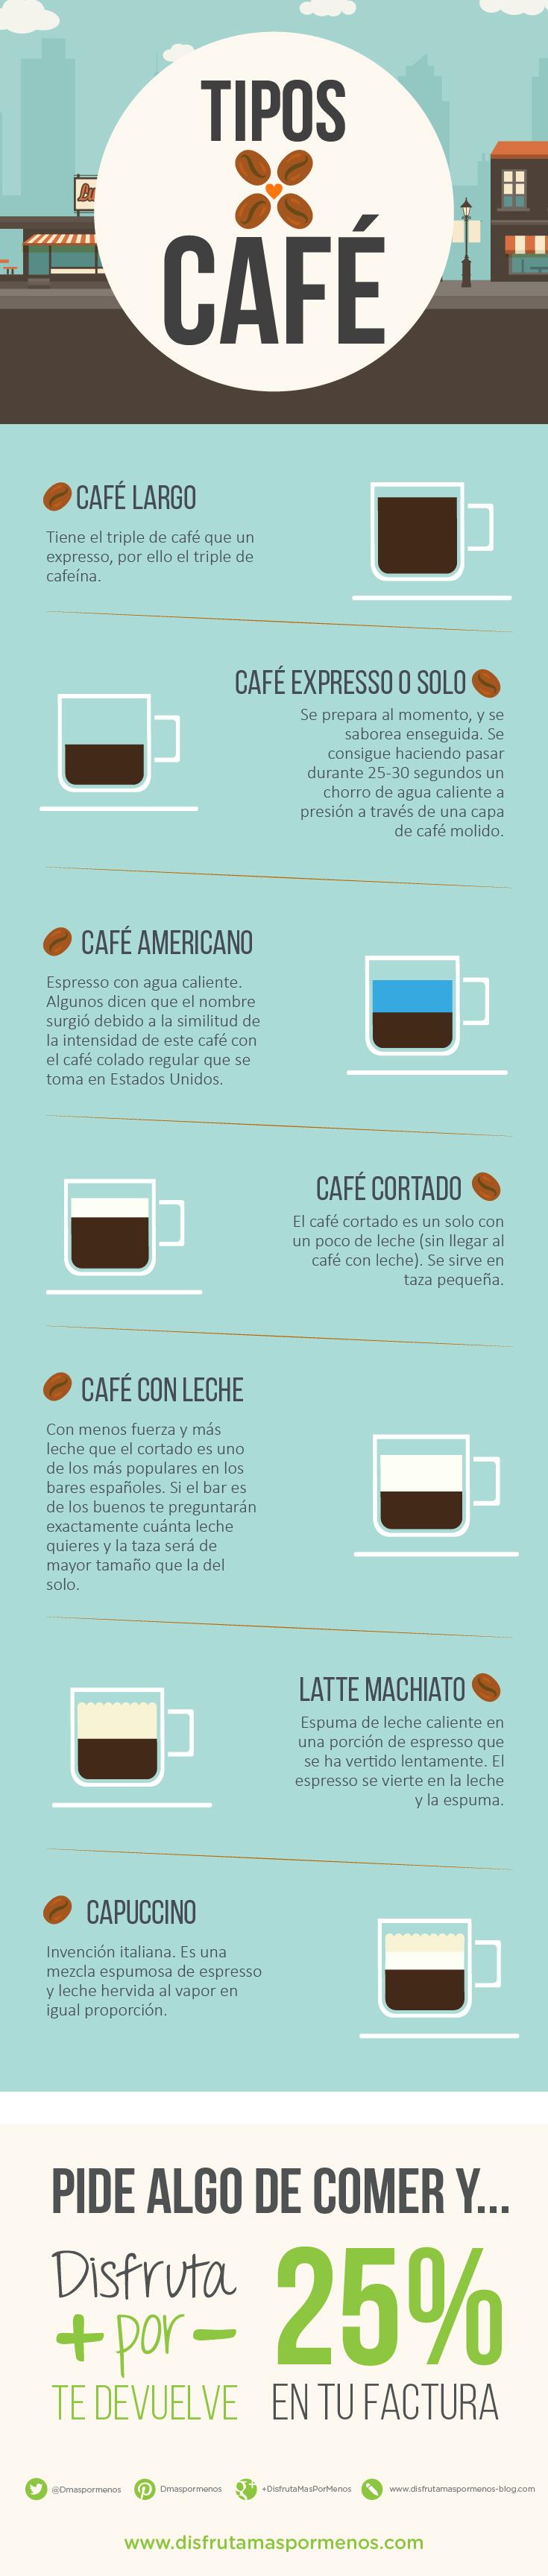 tipos_cafe_disfruta_mas_por_menos_infografia